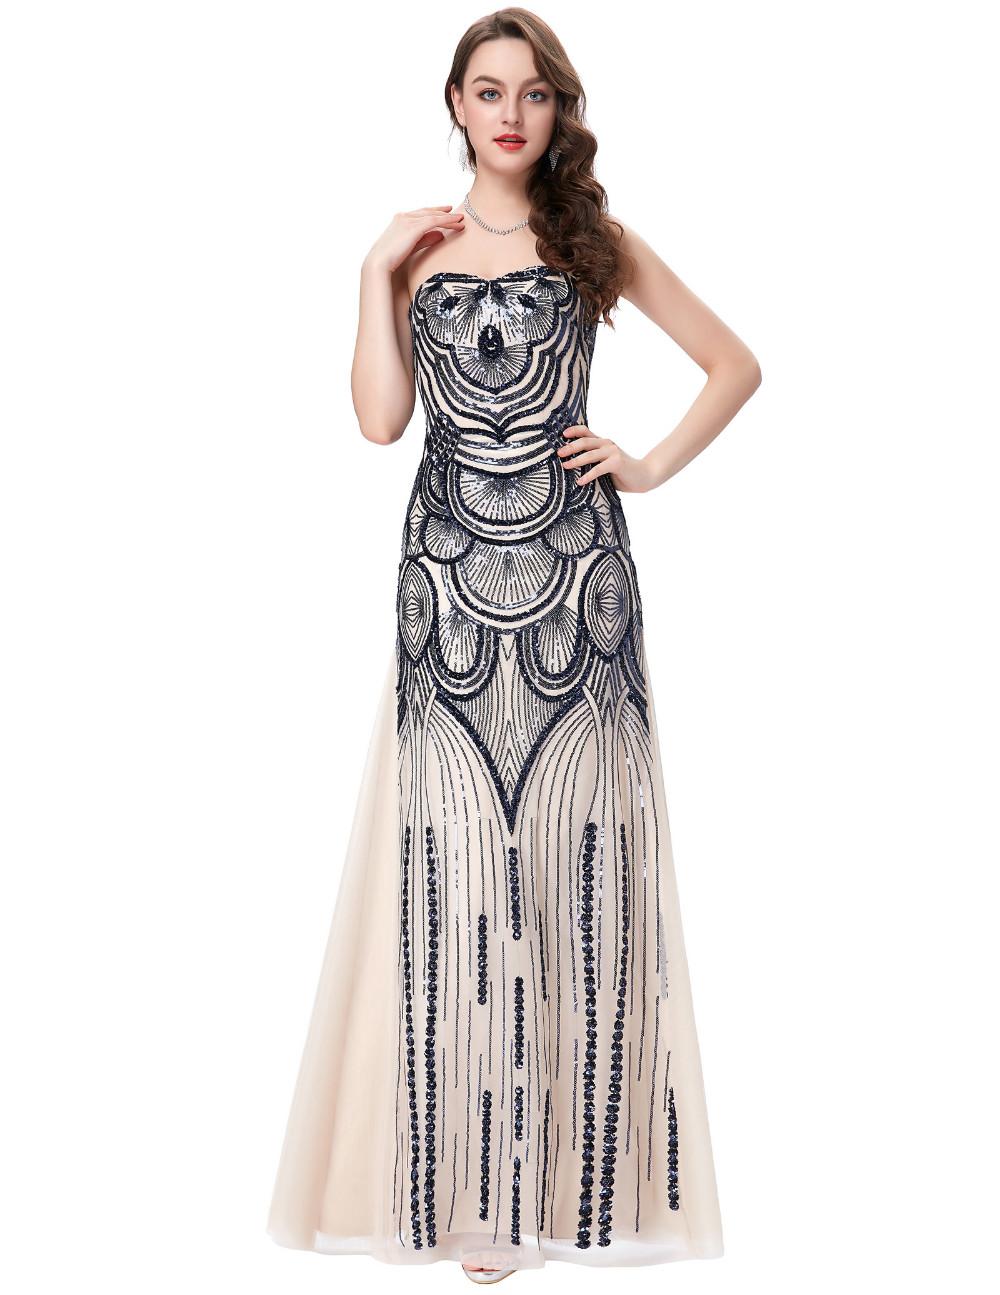 HTB1x9bVKFXXXXbfXVXXq6xXFXXX9Strapless Special Occasion Dress